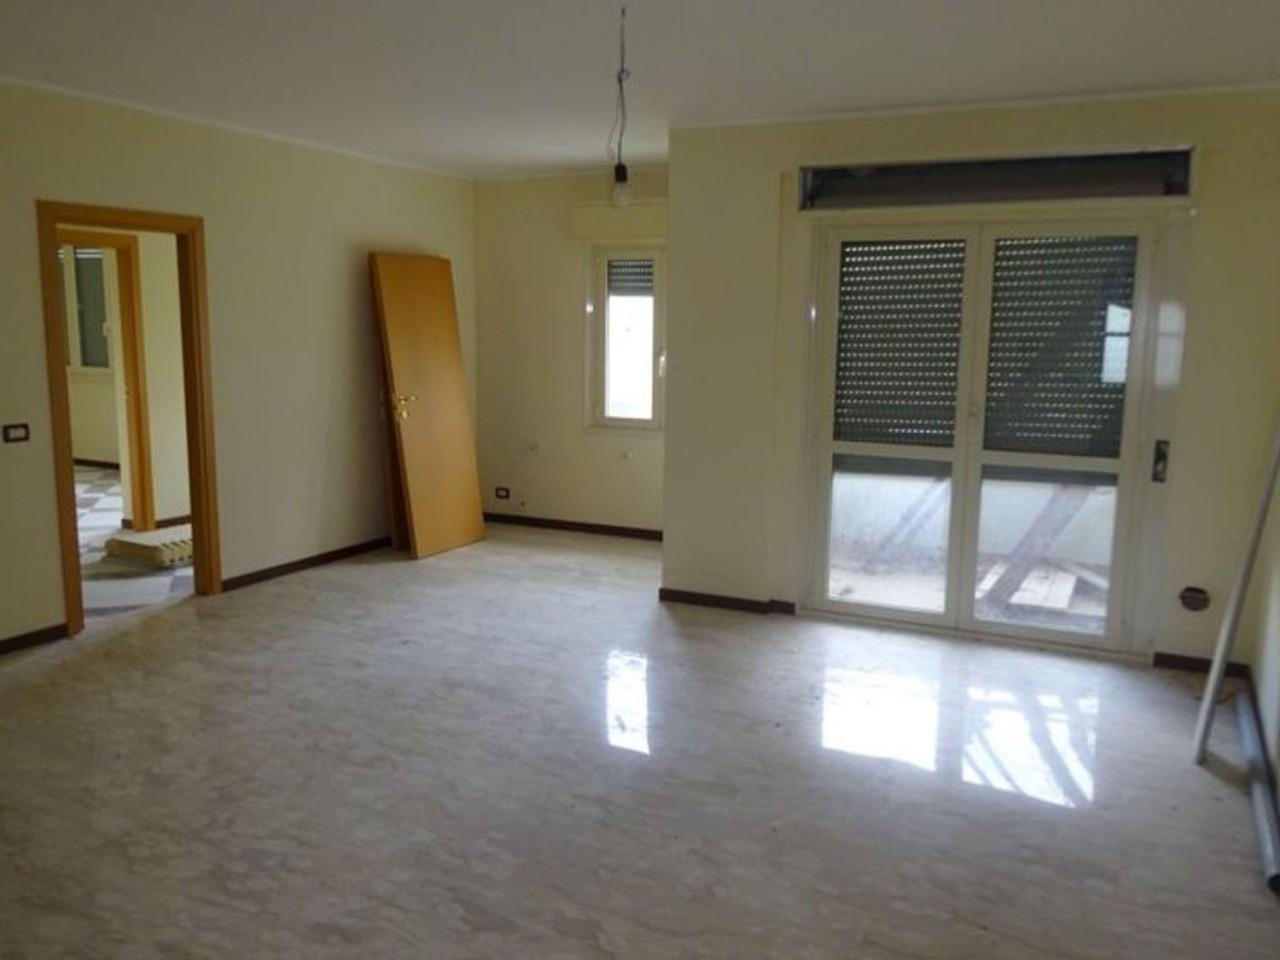 Appartament à vente a Carassai